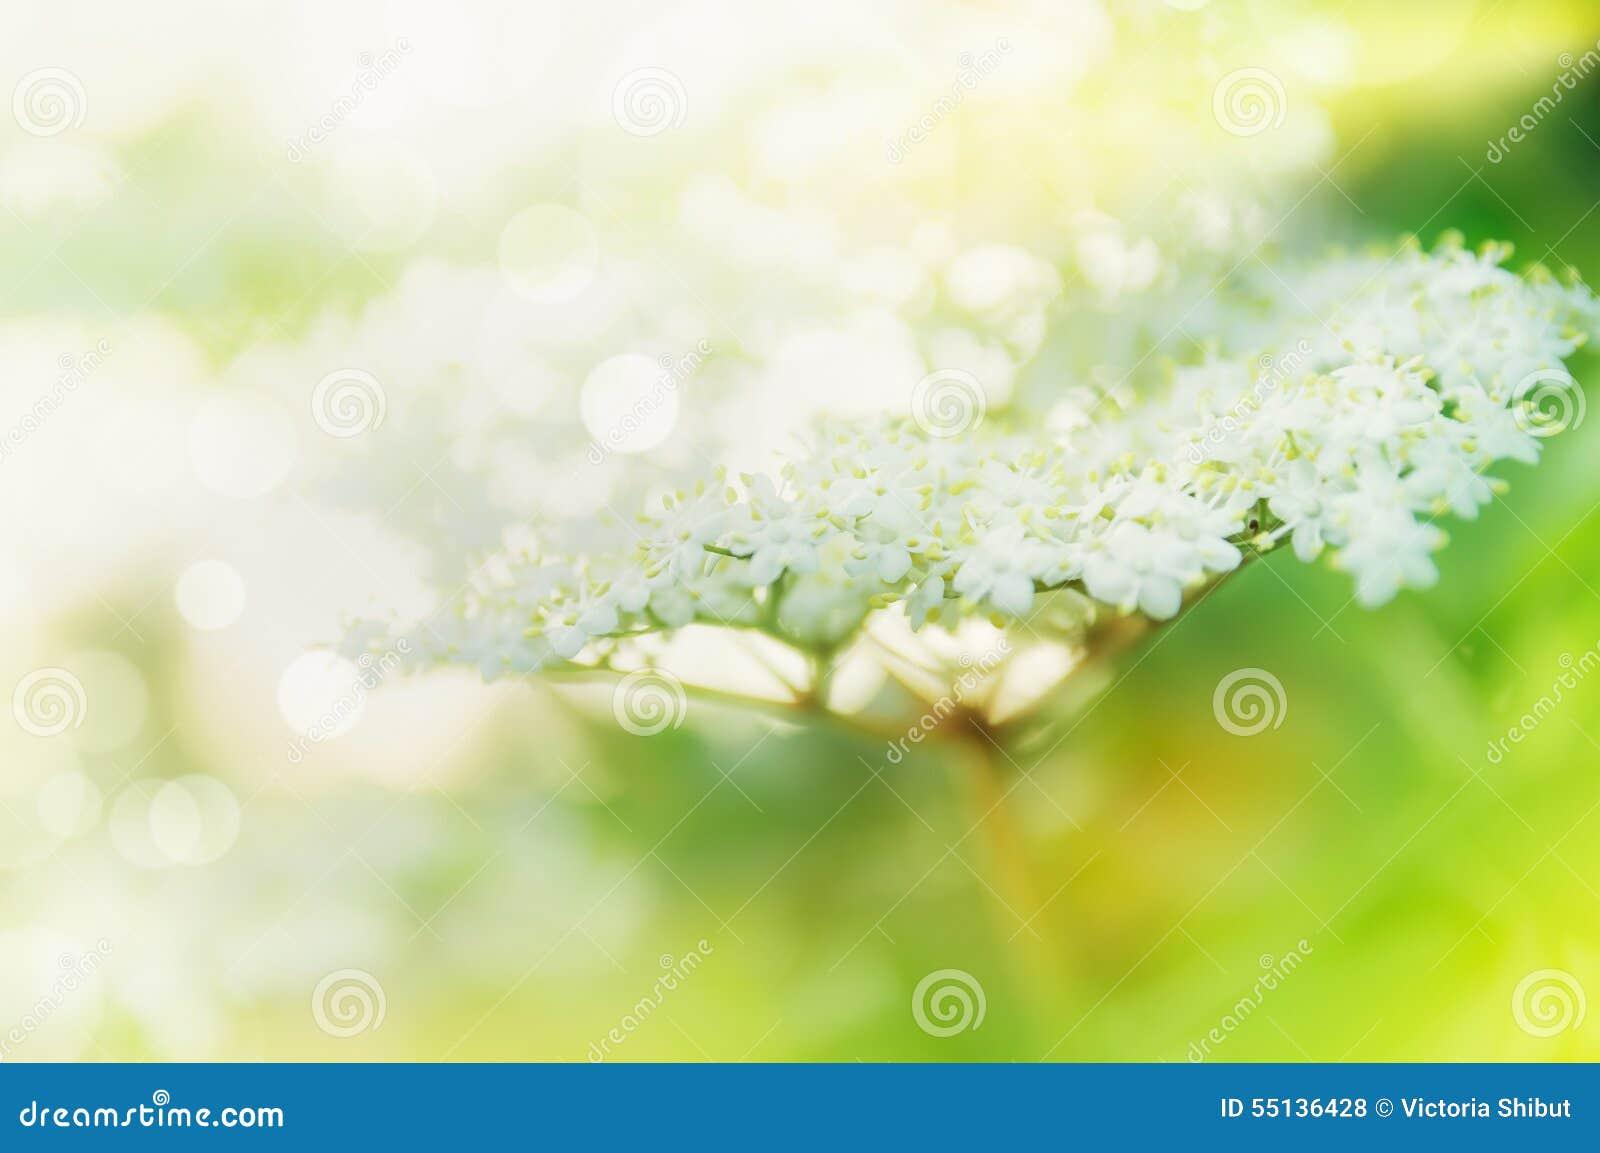 Schöne Ältestblüte im Garten oder in Park, im Freien